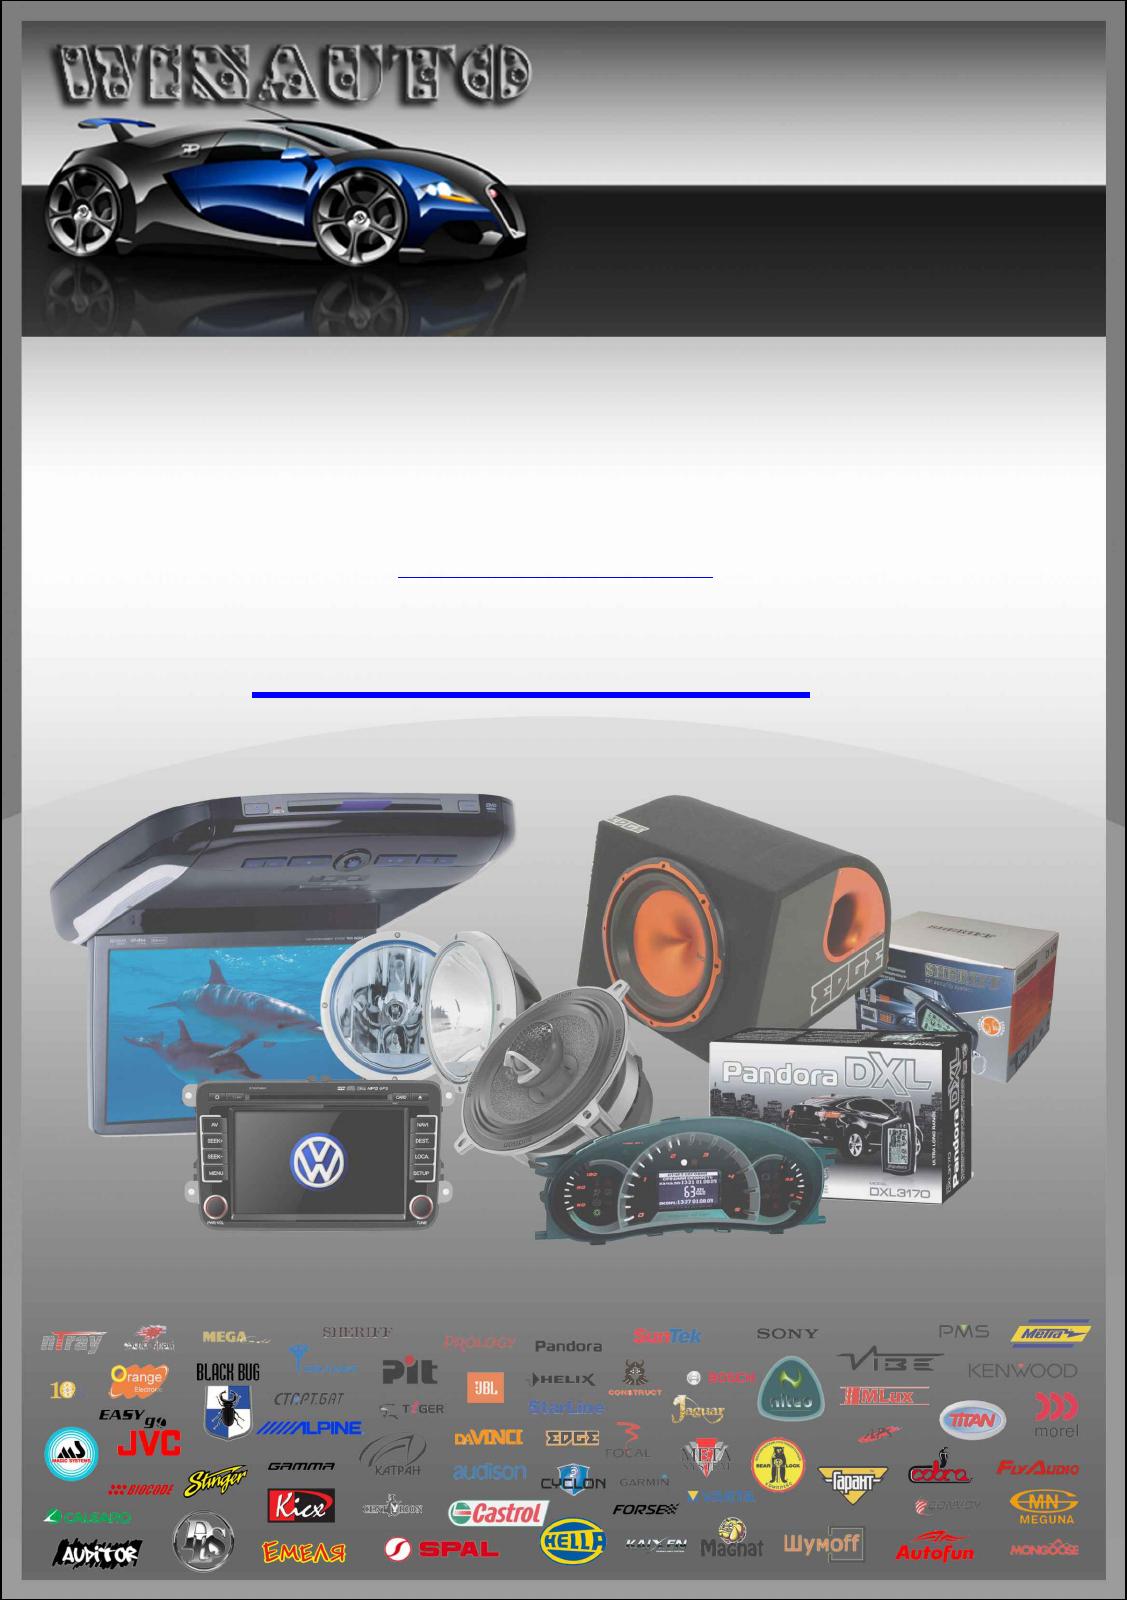 Handleiding Helix SPXL 1000 (pagina 6 van 9) (Deutsch, English)